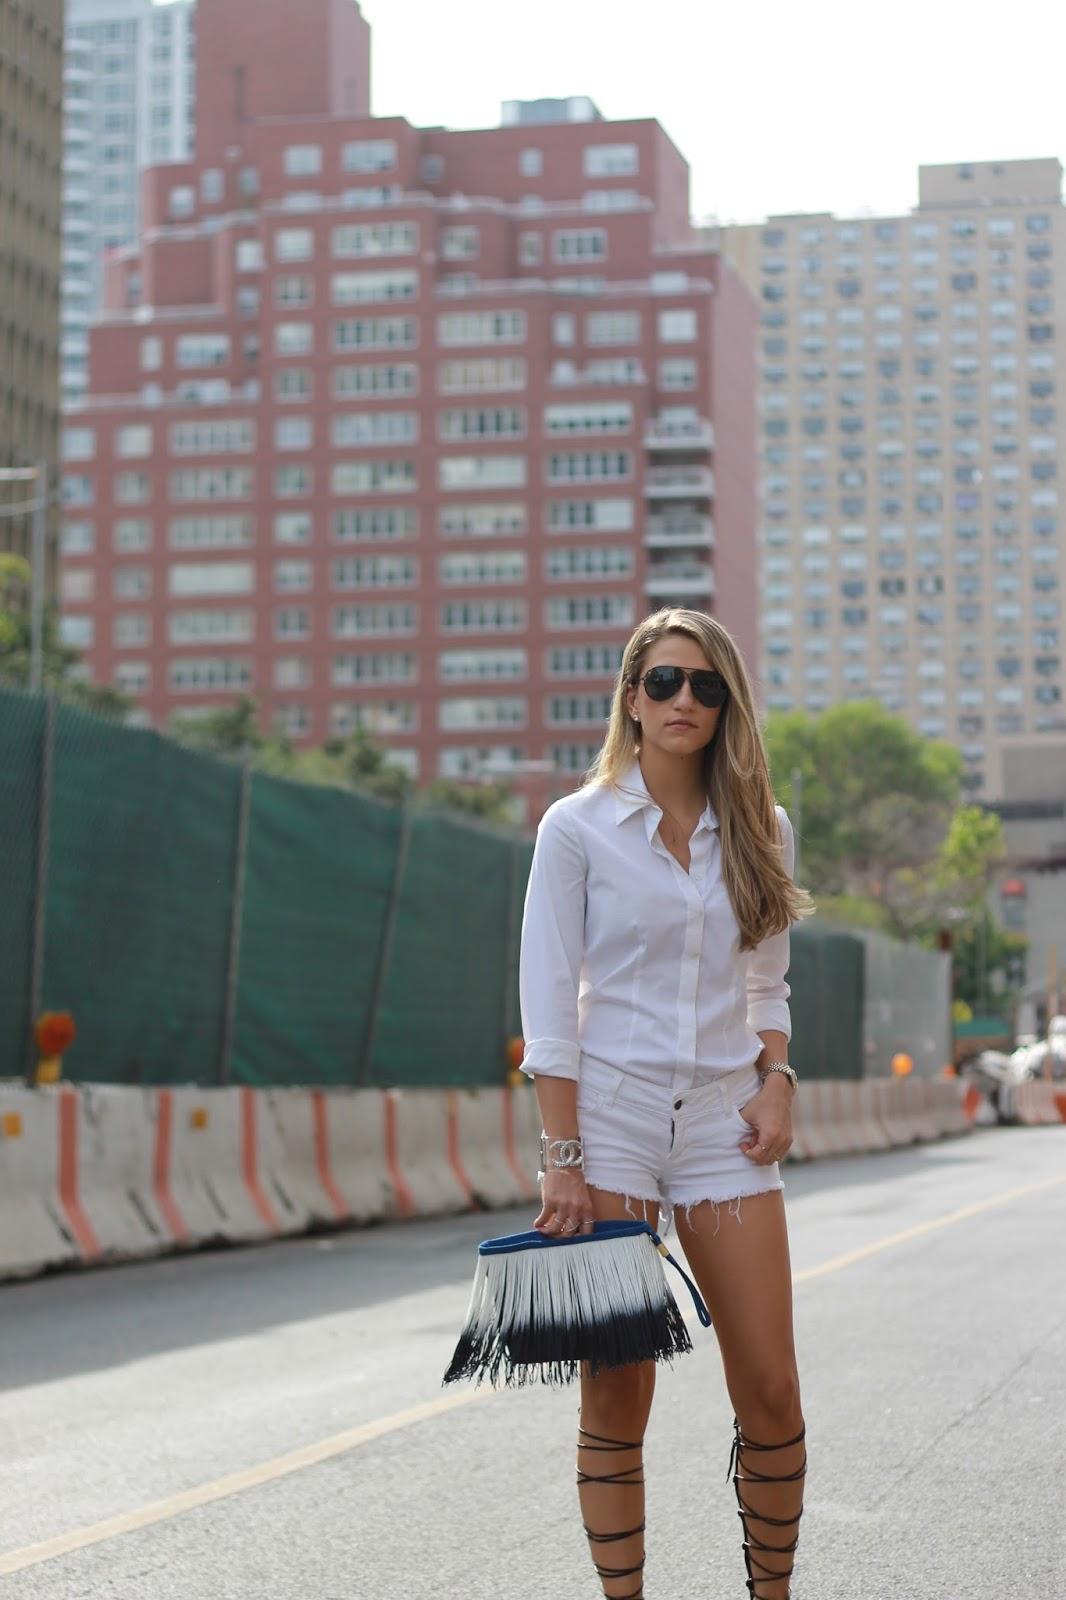 ny street style 2015, fringe clutch